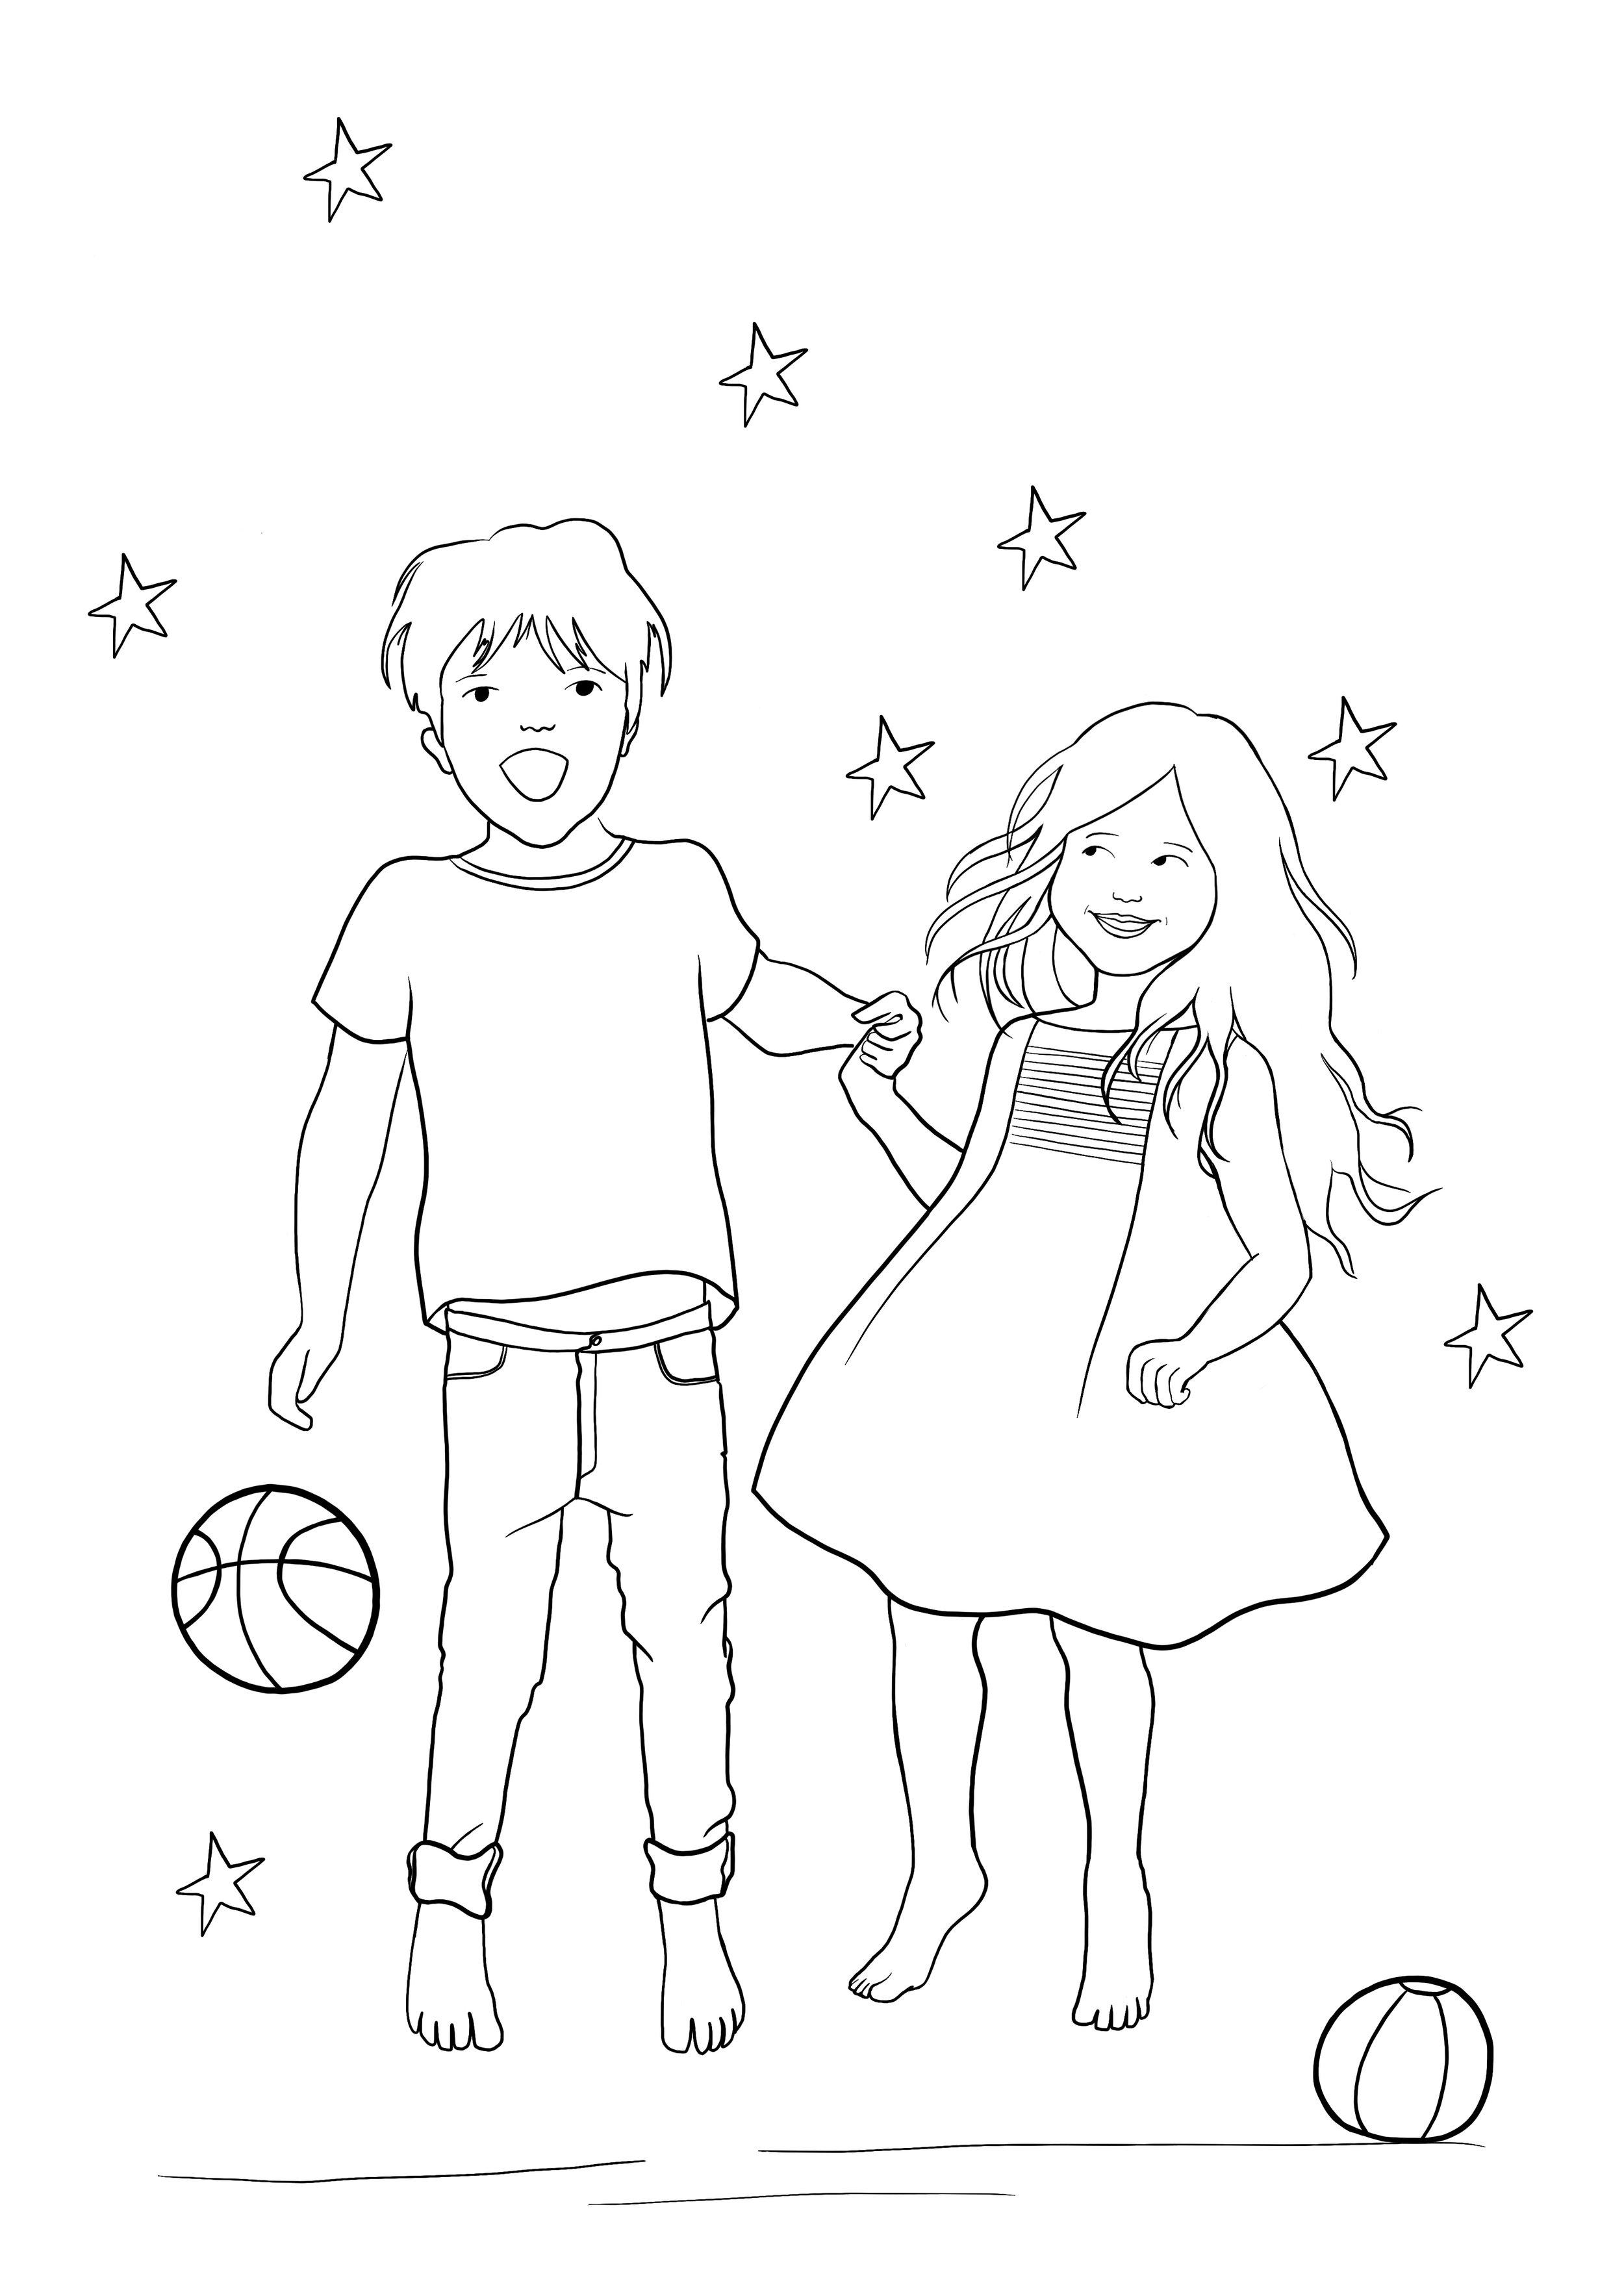 Ilustración_sin_título-11.jpg